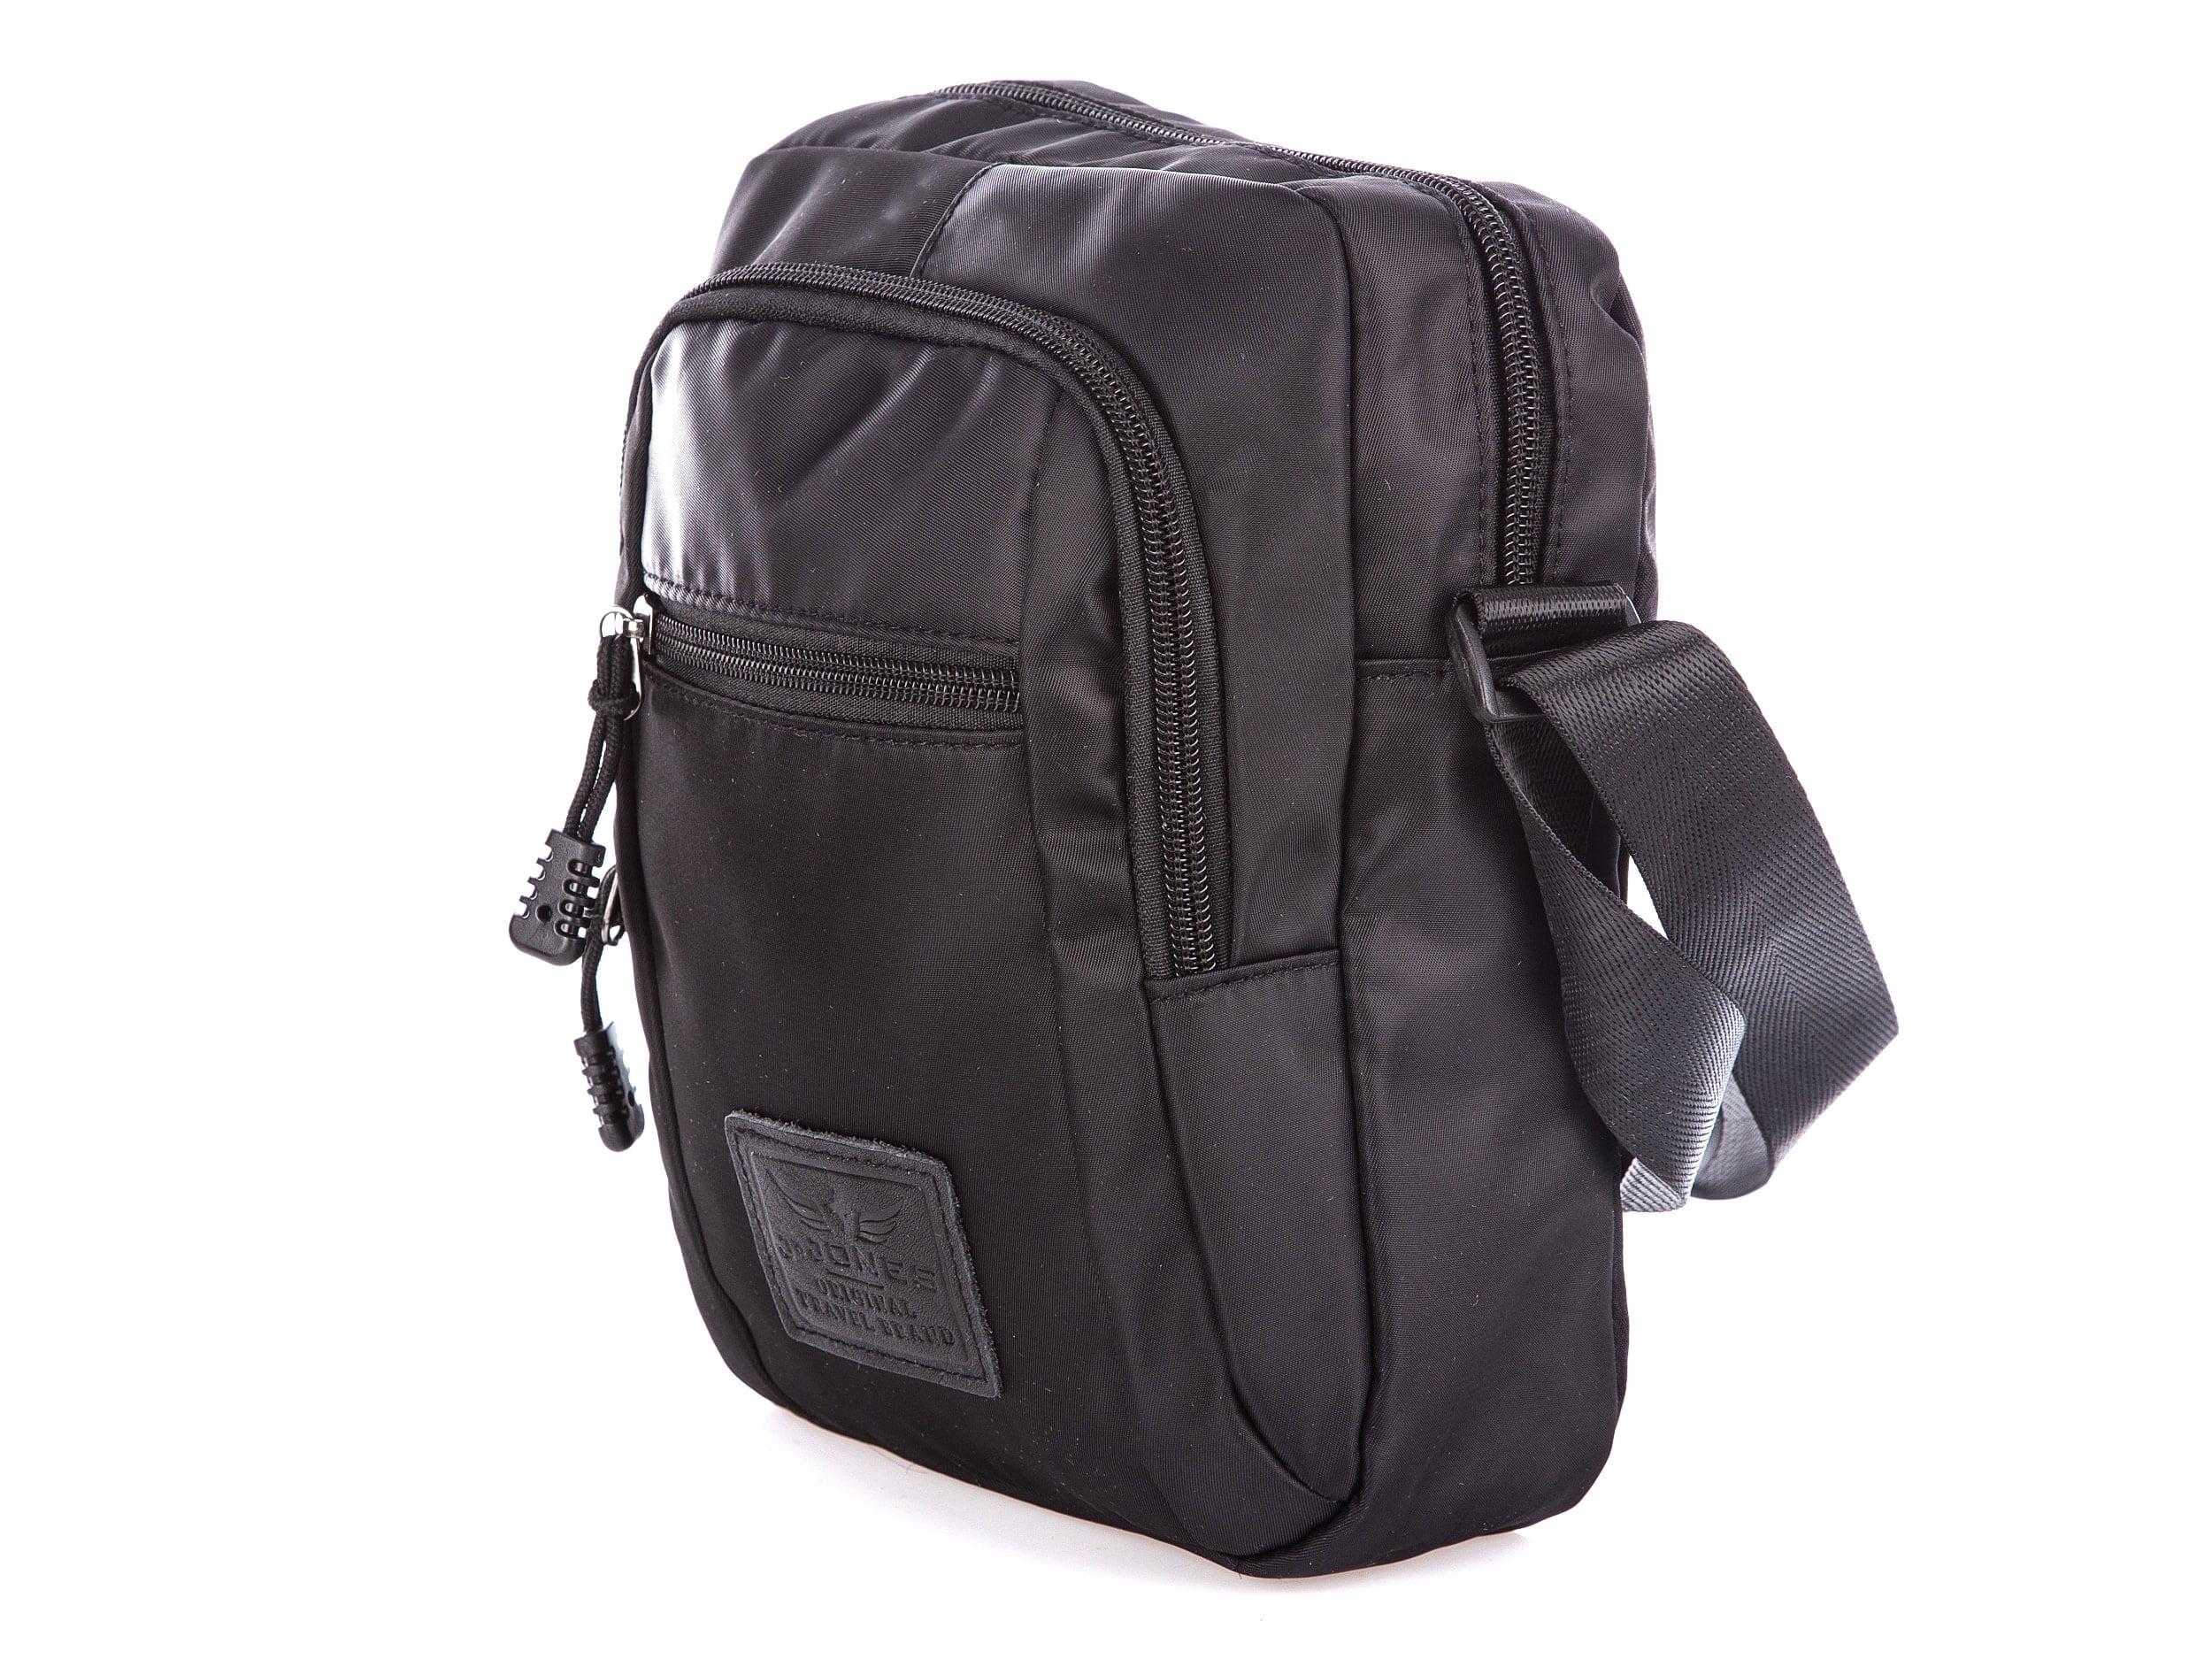 Tanie torby męskie na ramię